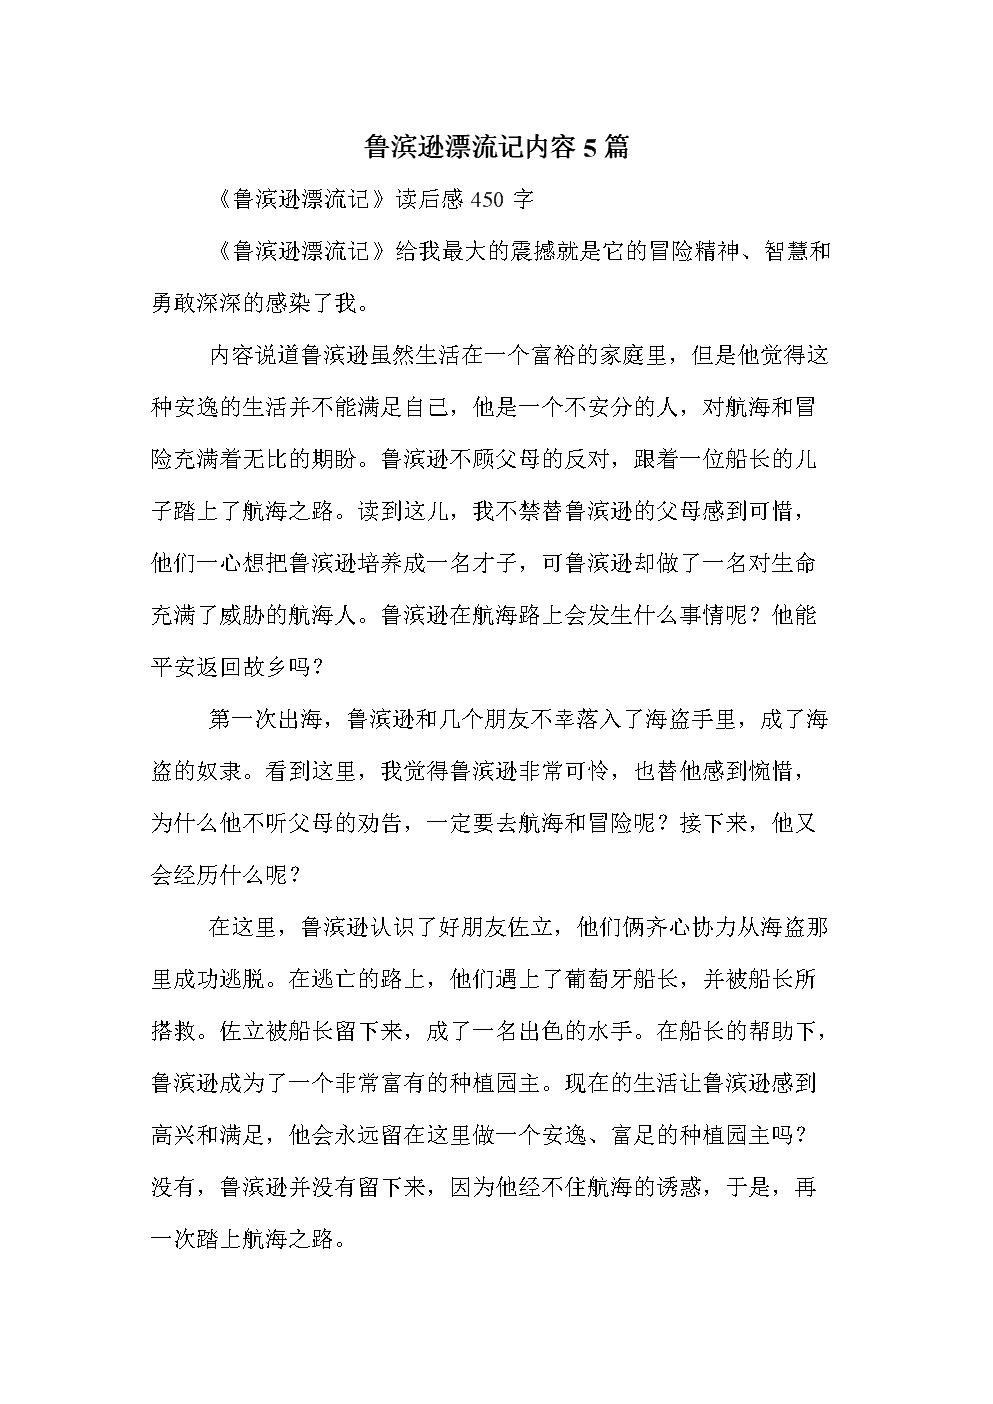 鲁滨逊漂流记内容5篇 .doc